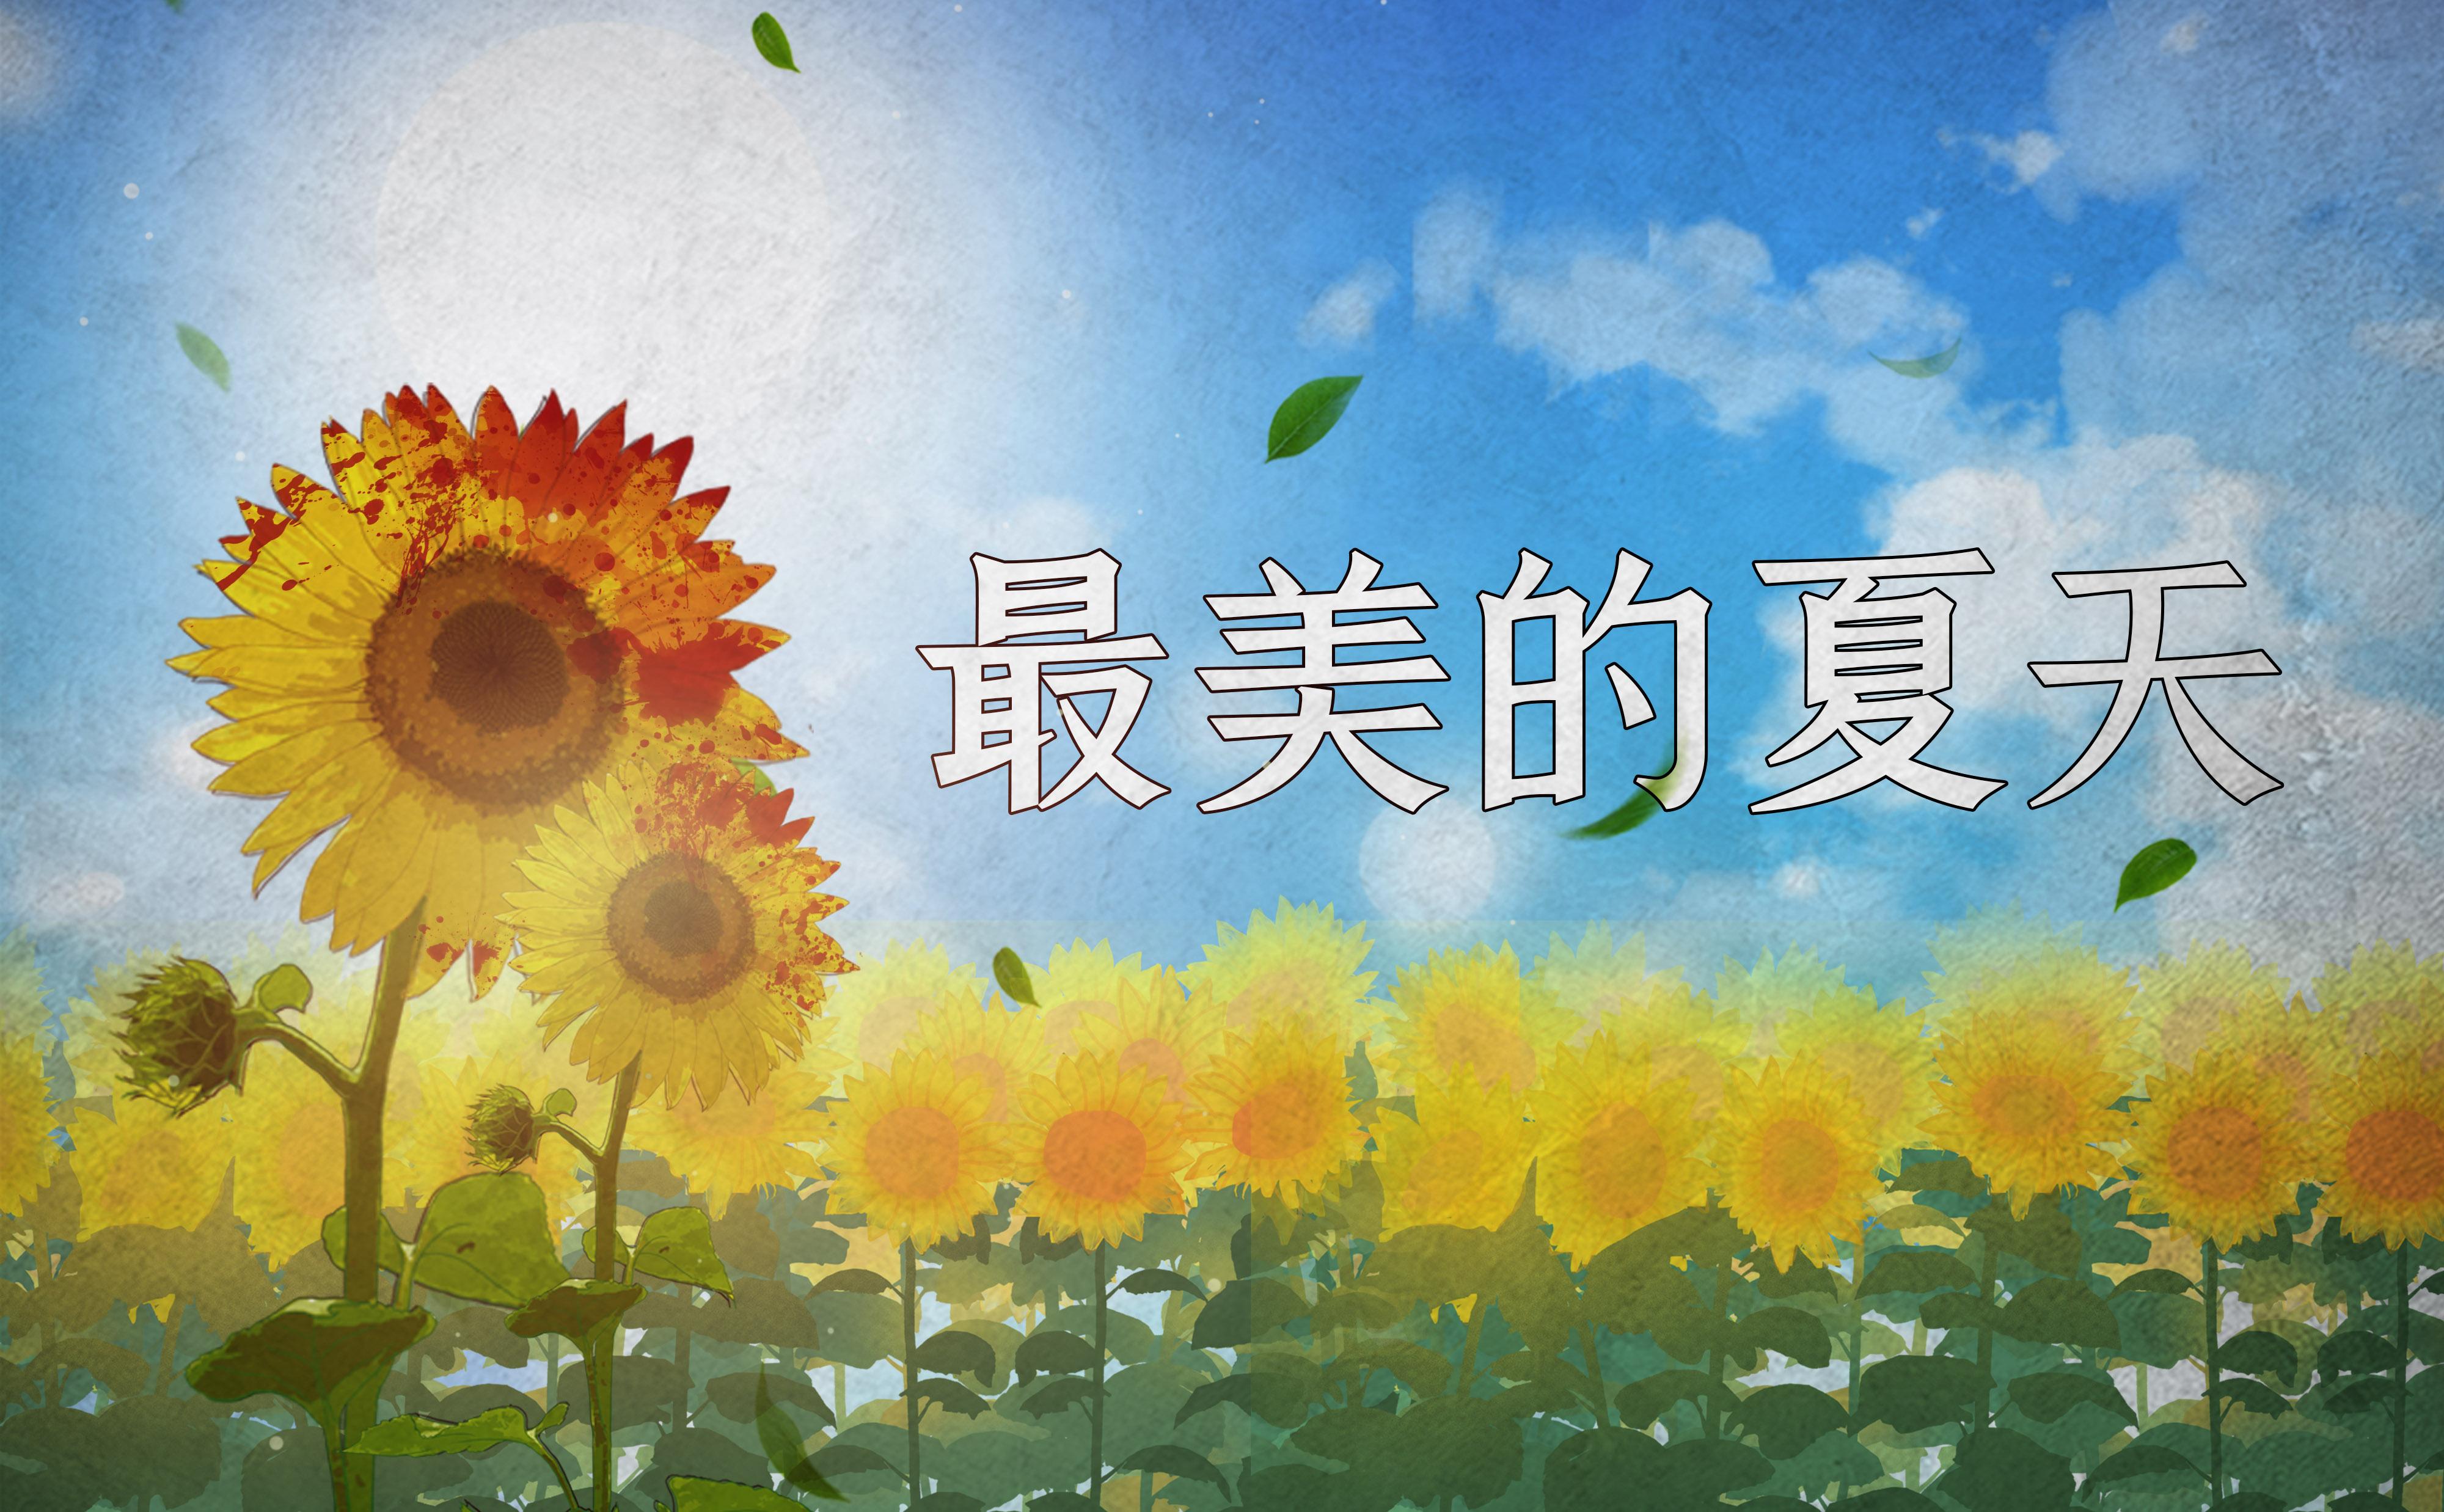 《最美的夏天》剧本杀资料_故事背景_角色简介_玩家点评_复盘解析